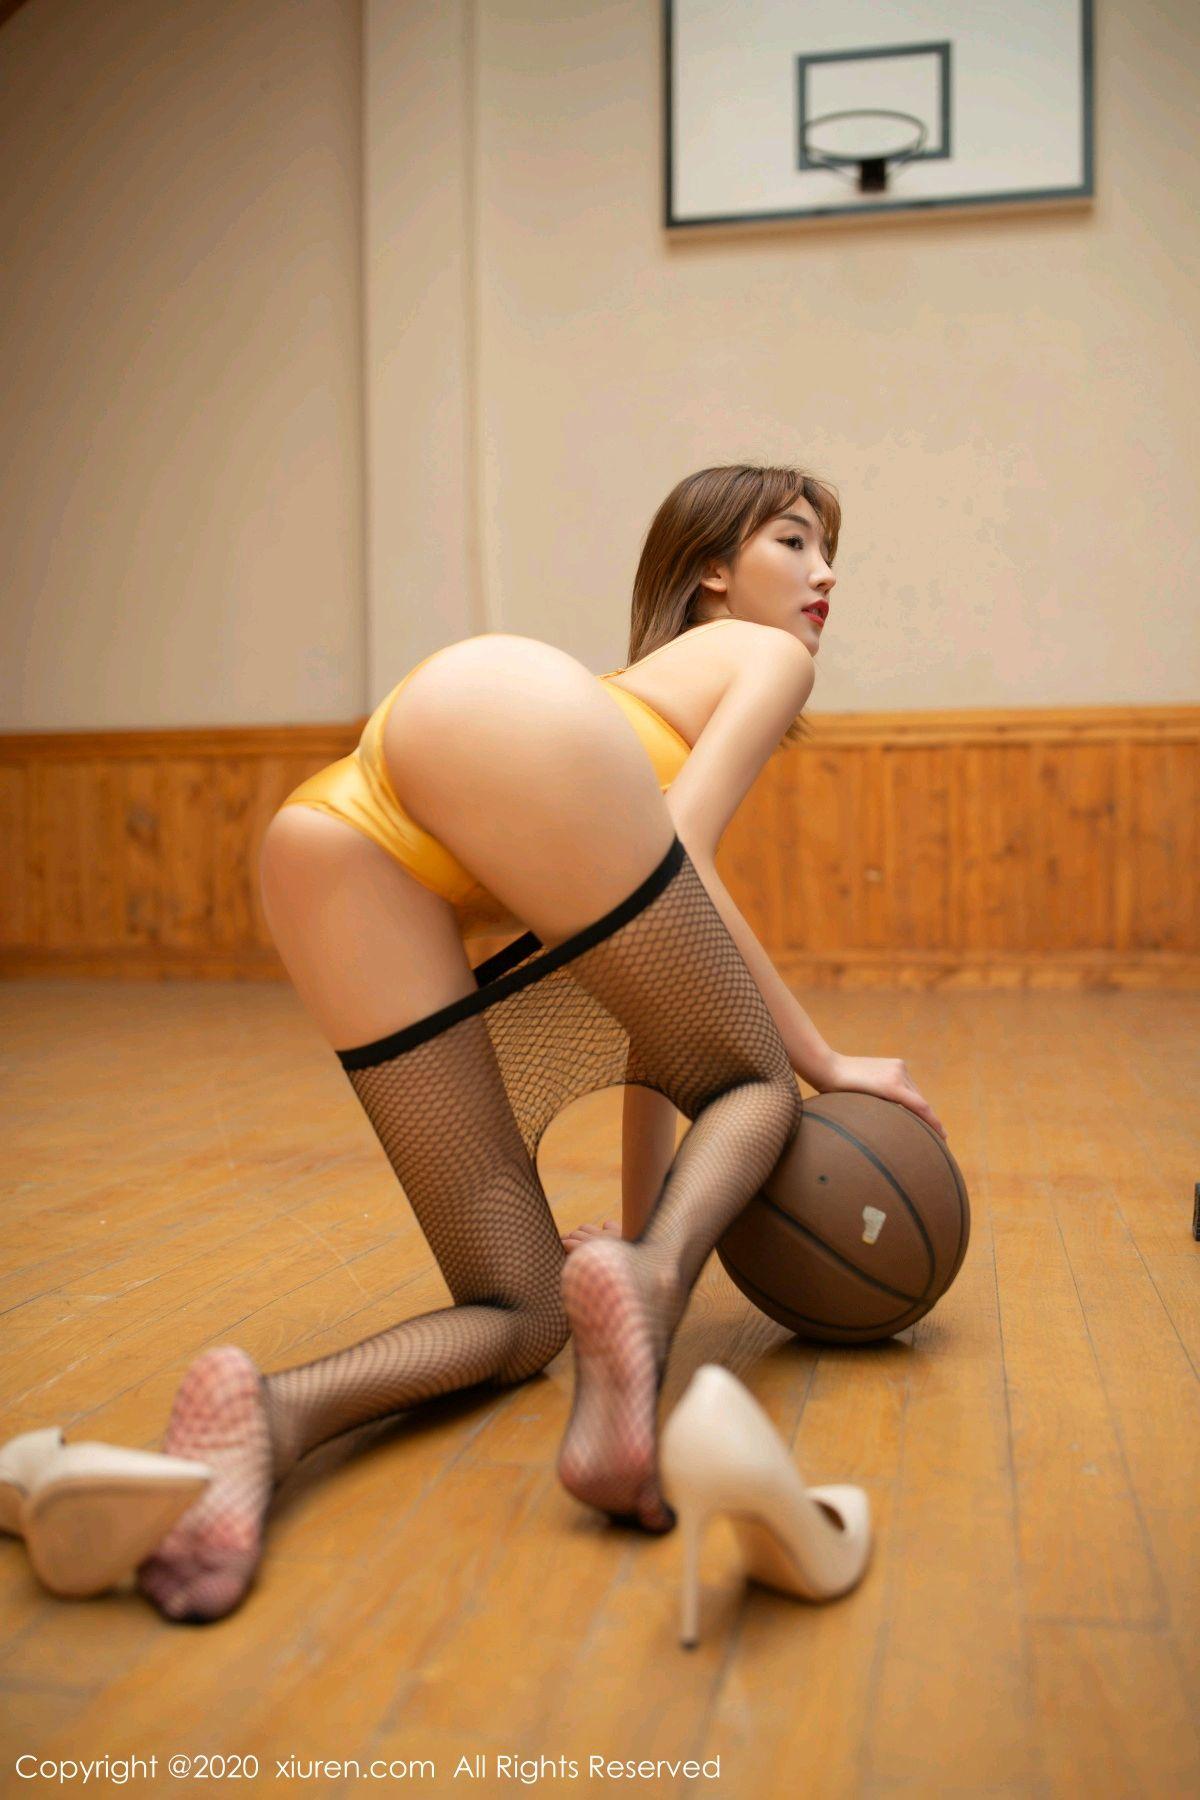 [XiuRen] Vol.1915 Lu Xuan Xuan 84P, Basketball Baby, Lu Xuan Xuan, Underwear, Xiuren